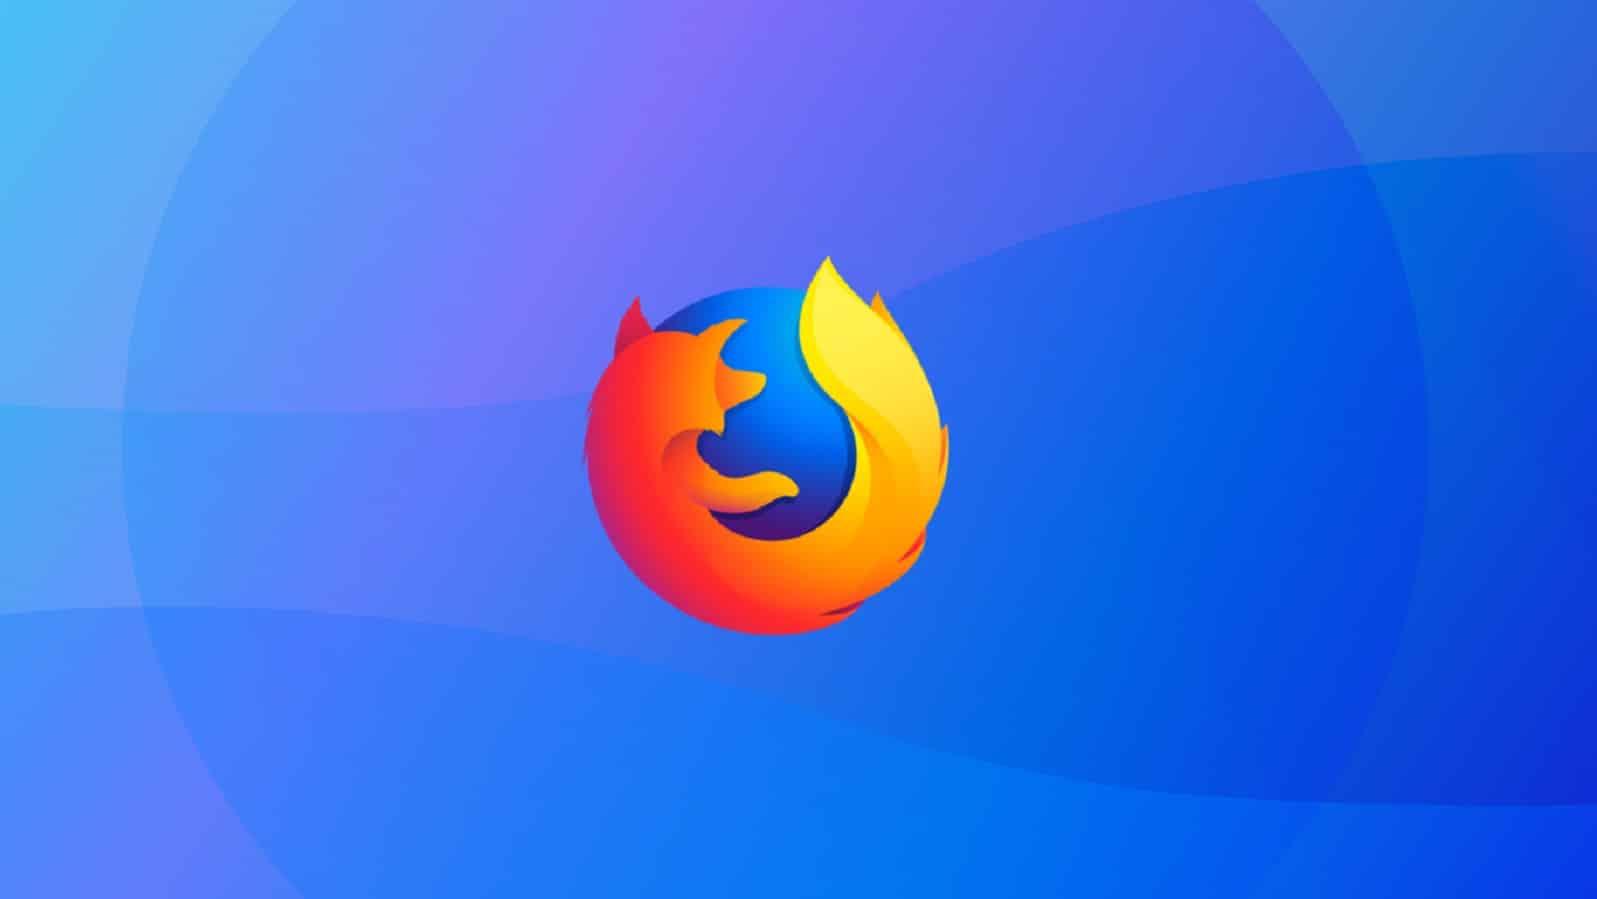 mozilla firefox logo on blue background